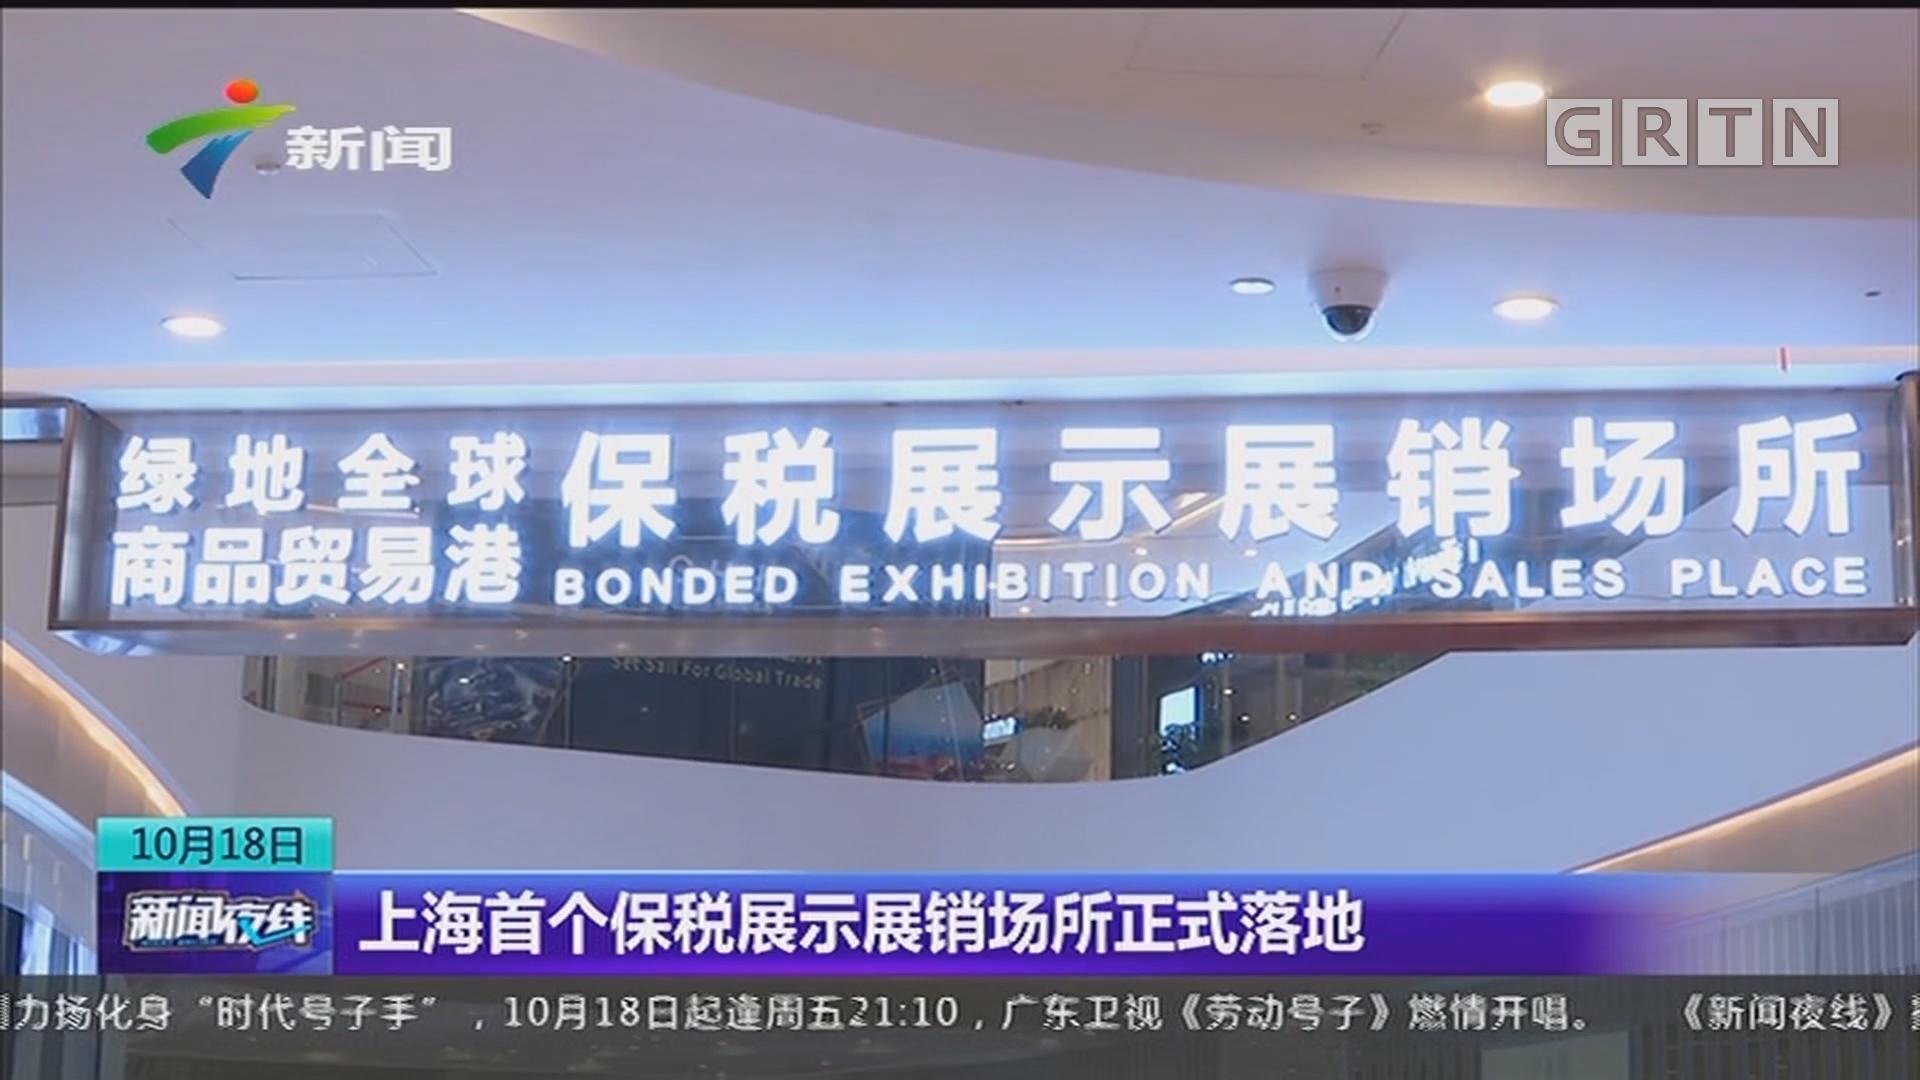 上海首个保税展示展销场所正式落地